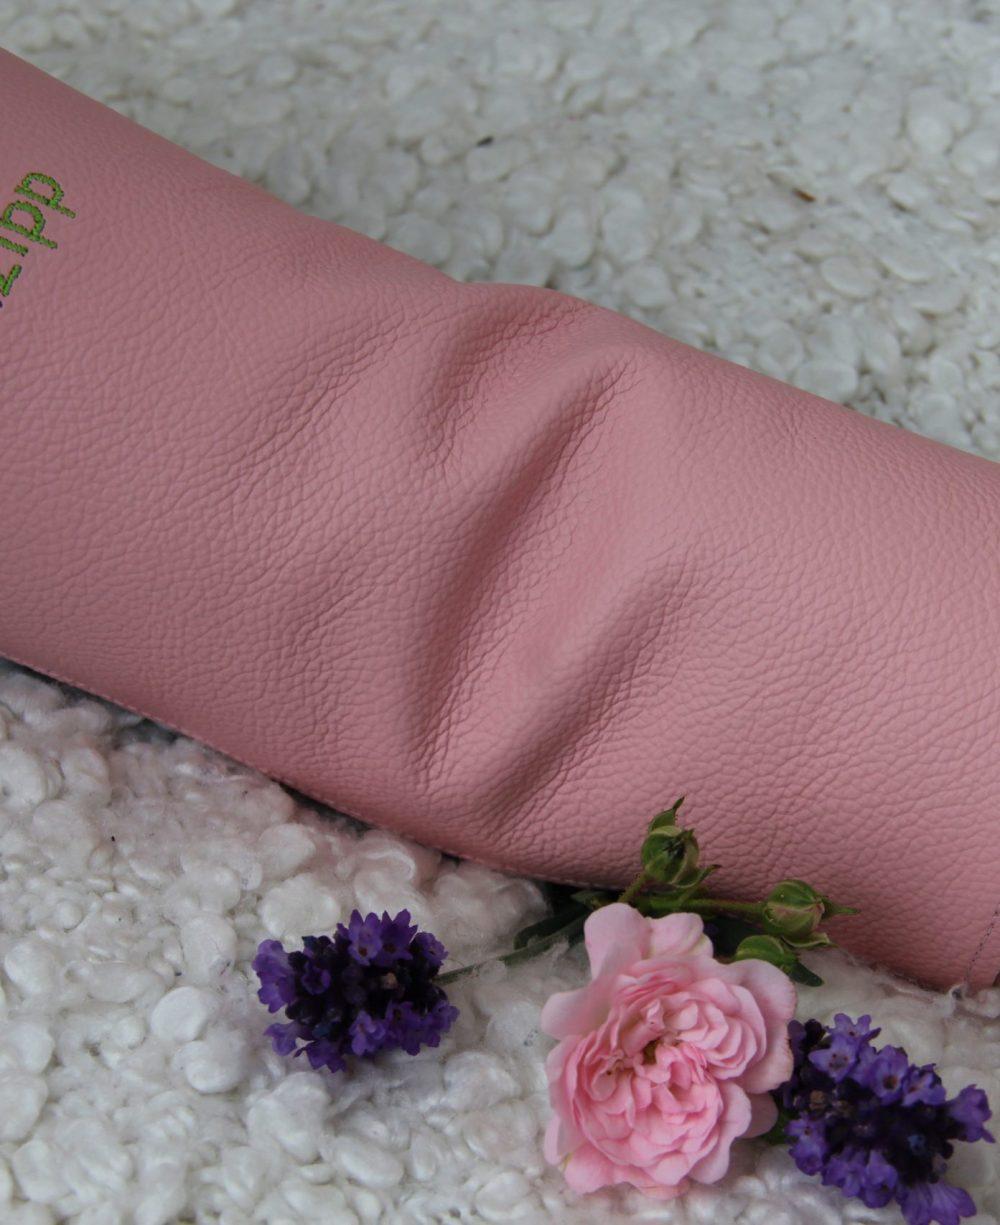 rosa-Damen-Ledershuntschutzband-für-Dialysepatienten-Diazipp